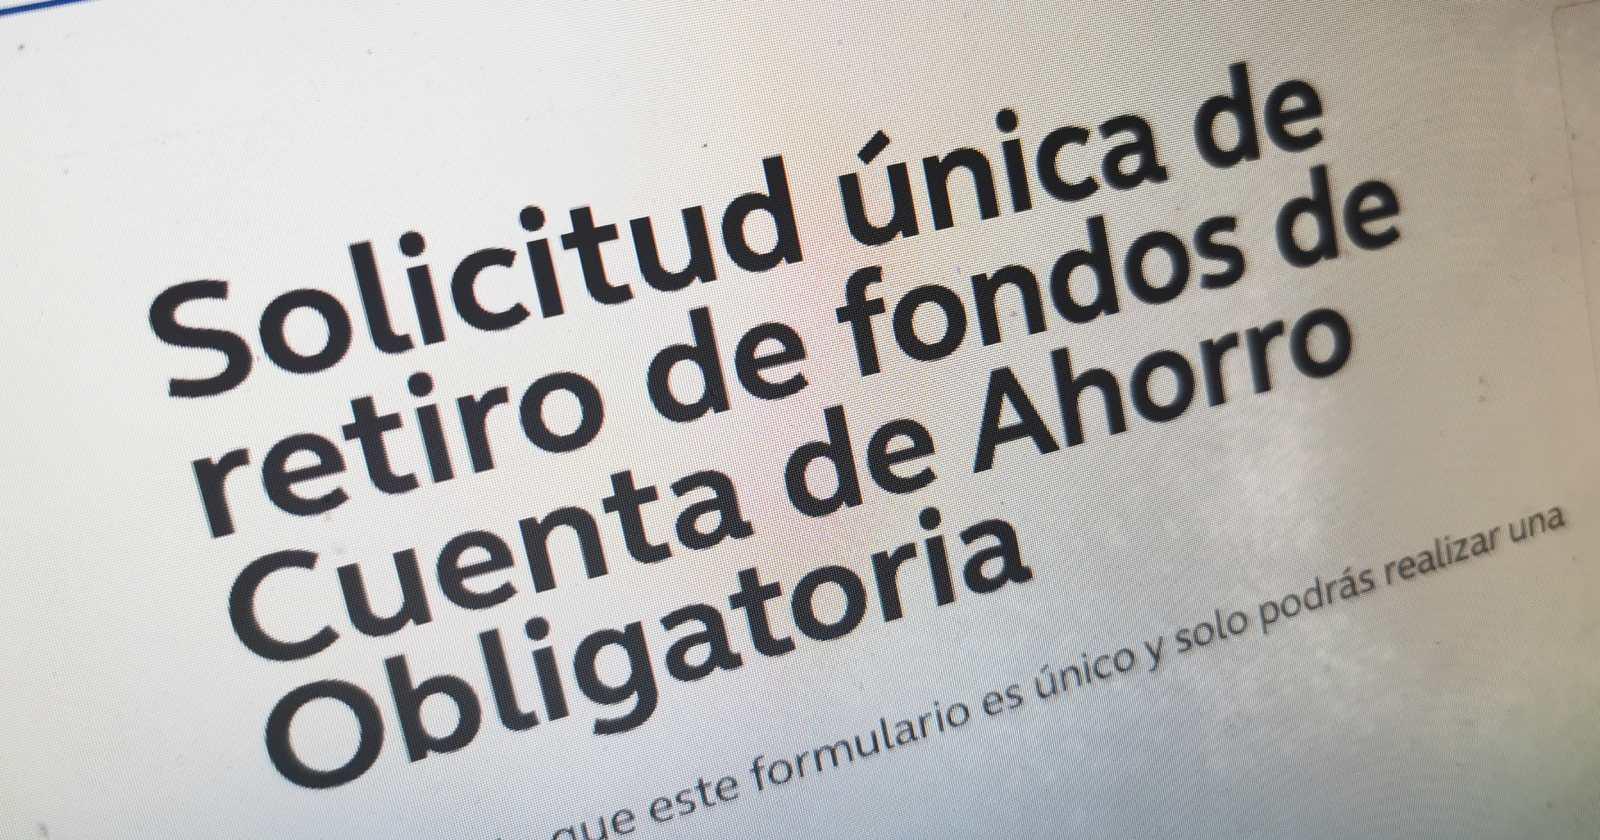 Retiro 10%: Hacienda es llevada a Contraloría y CPLT por petición del RUT